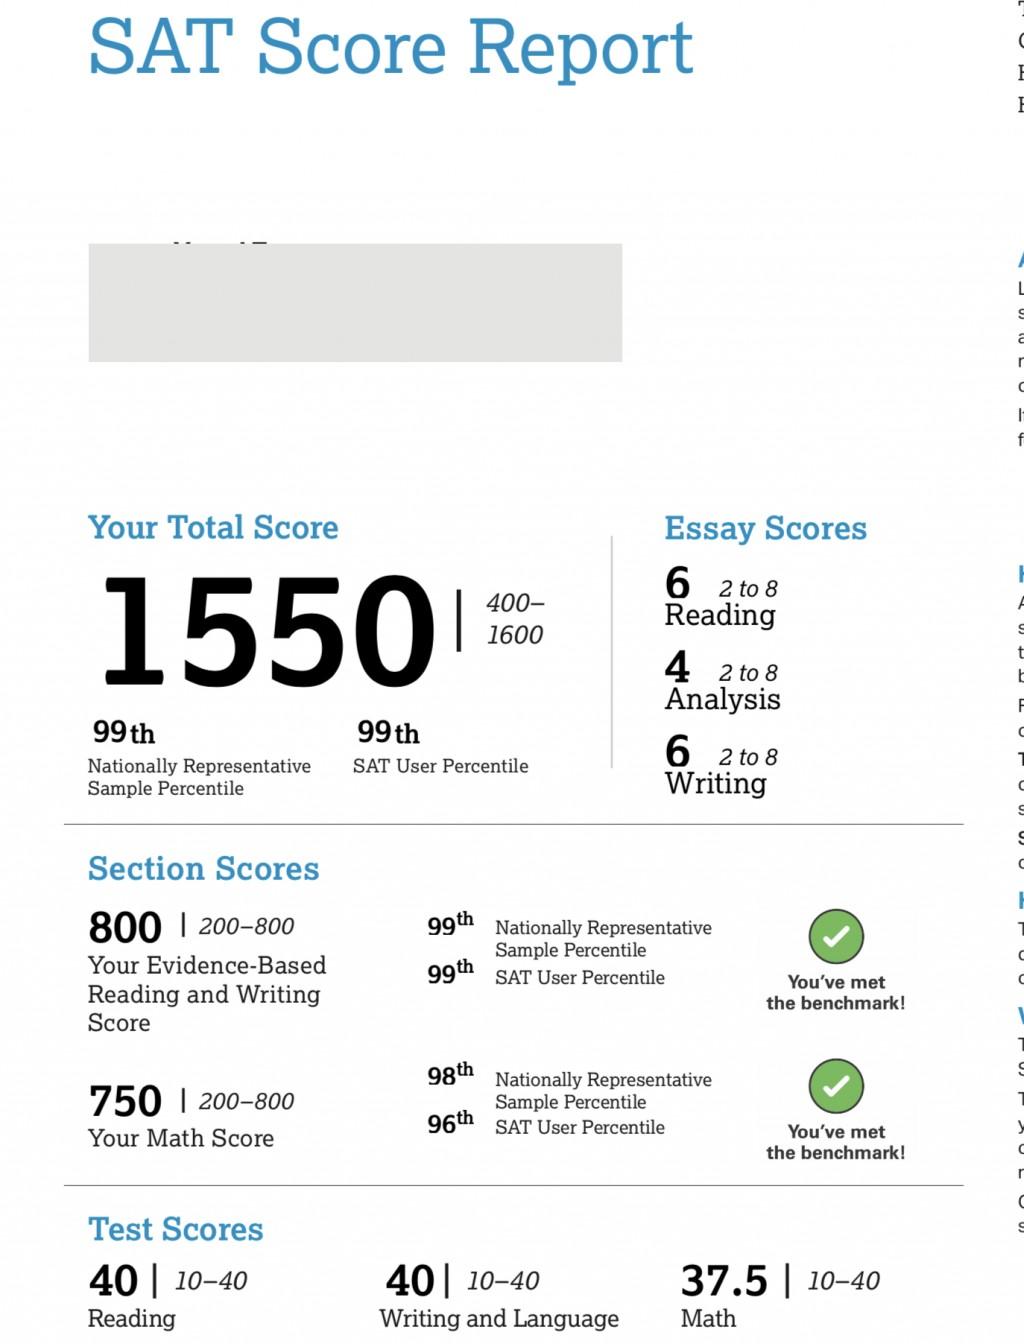 019 Avet5ddgrdz11 Essay Score Exceptional Act Percentiles Sat 4 Pearson Scorer Free Large